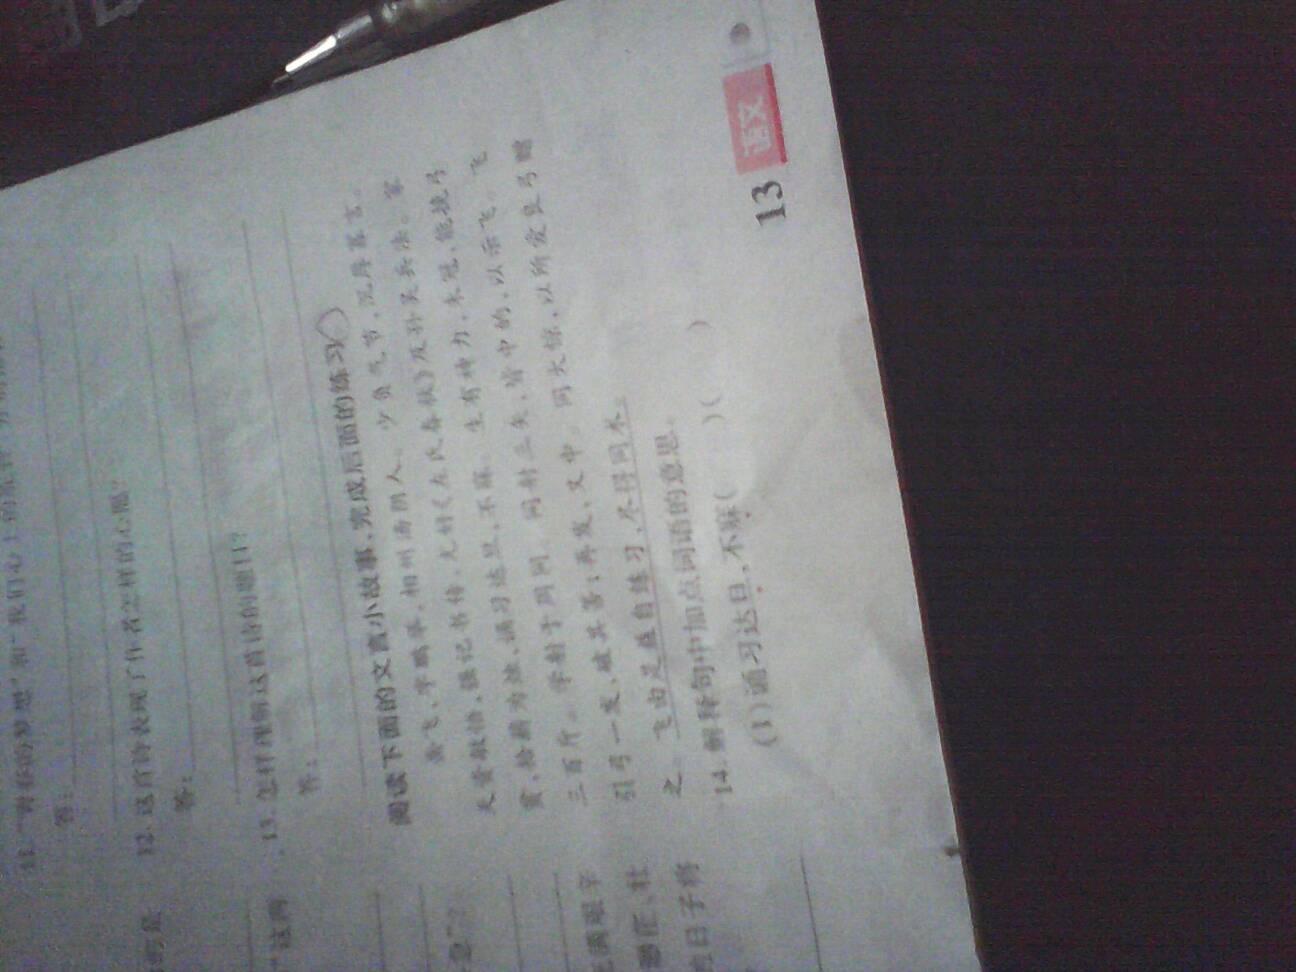 文言文翻译谢谢!图片